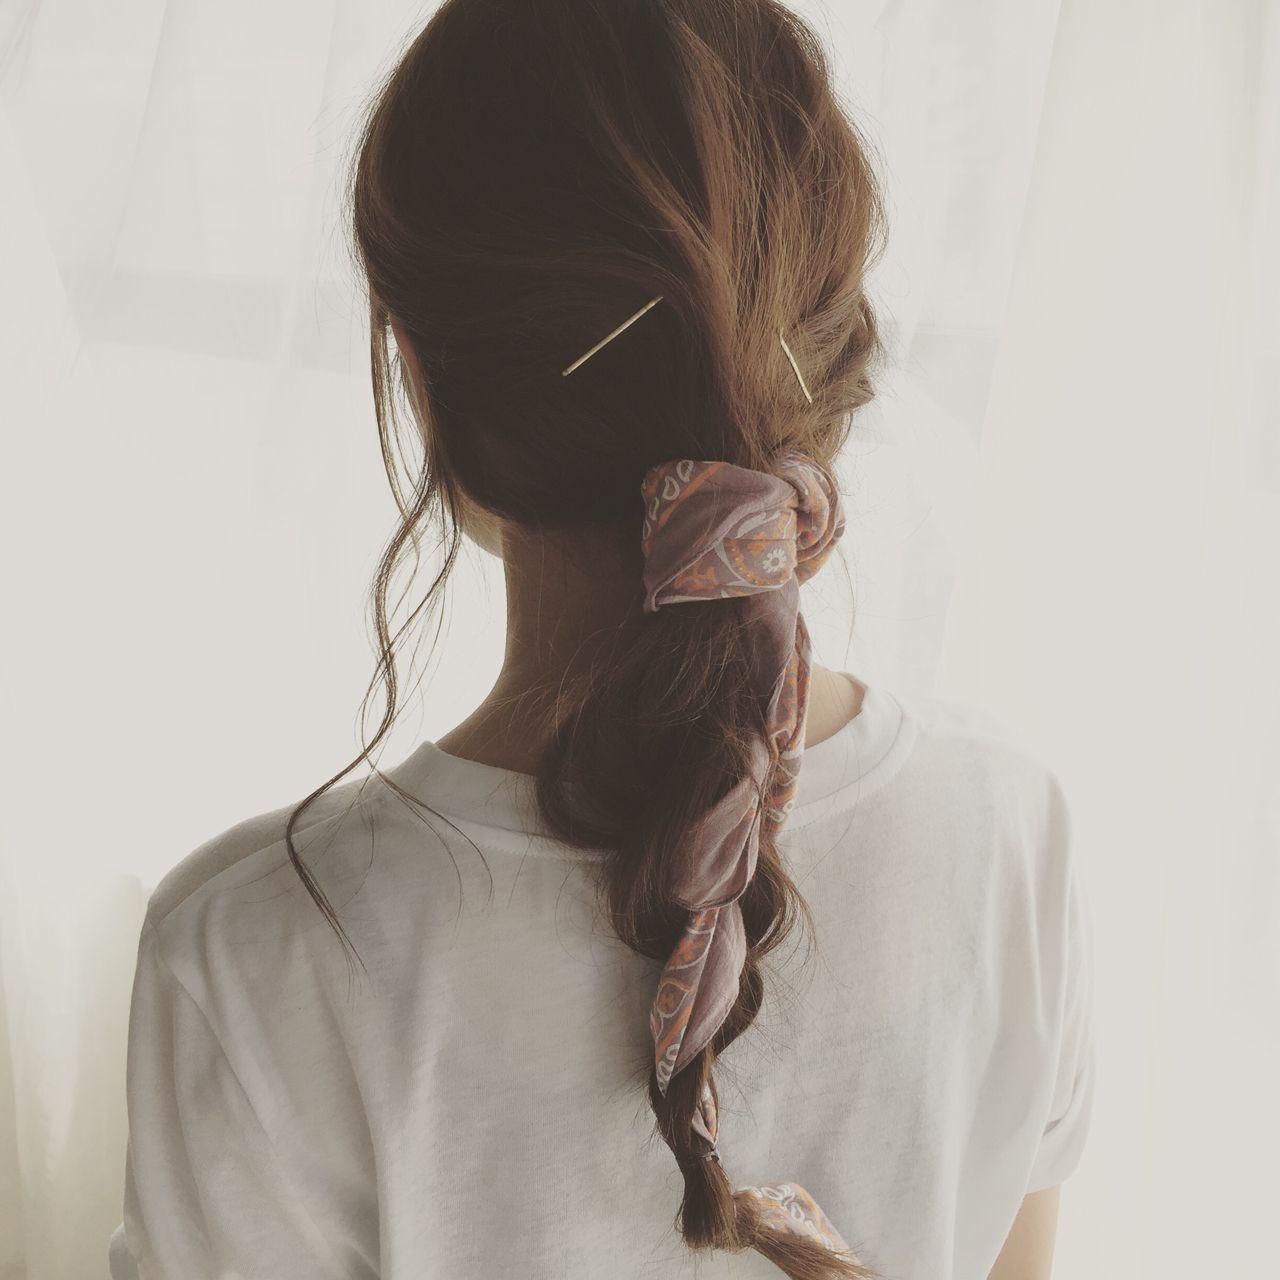 まとめ髪 束感 簡単ヘアアレンジ ストリート ヘアスタイルや髪型の写真・画像 | 佐野 正人 / nanuk / nanuk